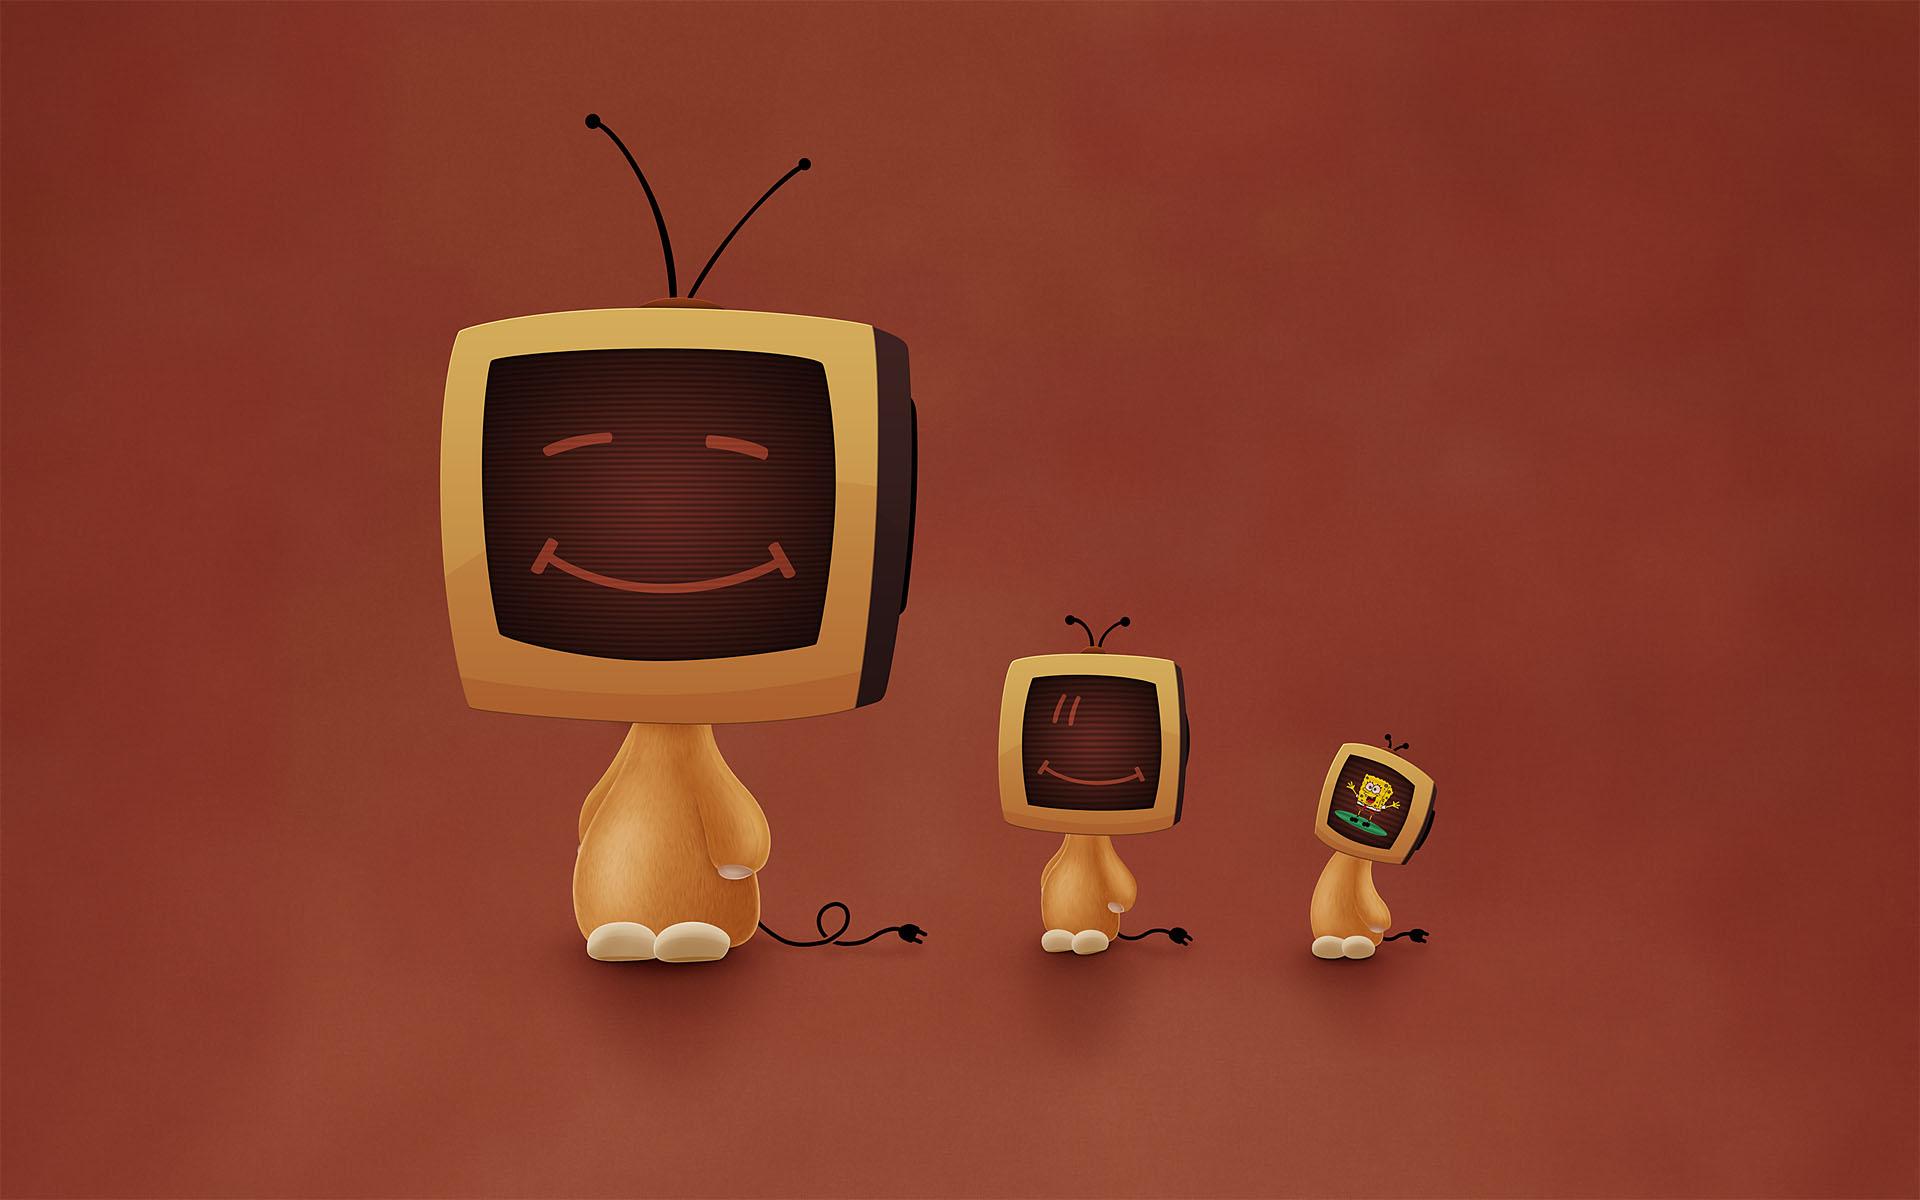 сельди сметаной, прикольные телевизоры в рисунках жилая станция, конечная